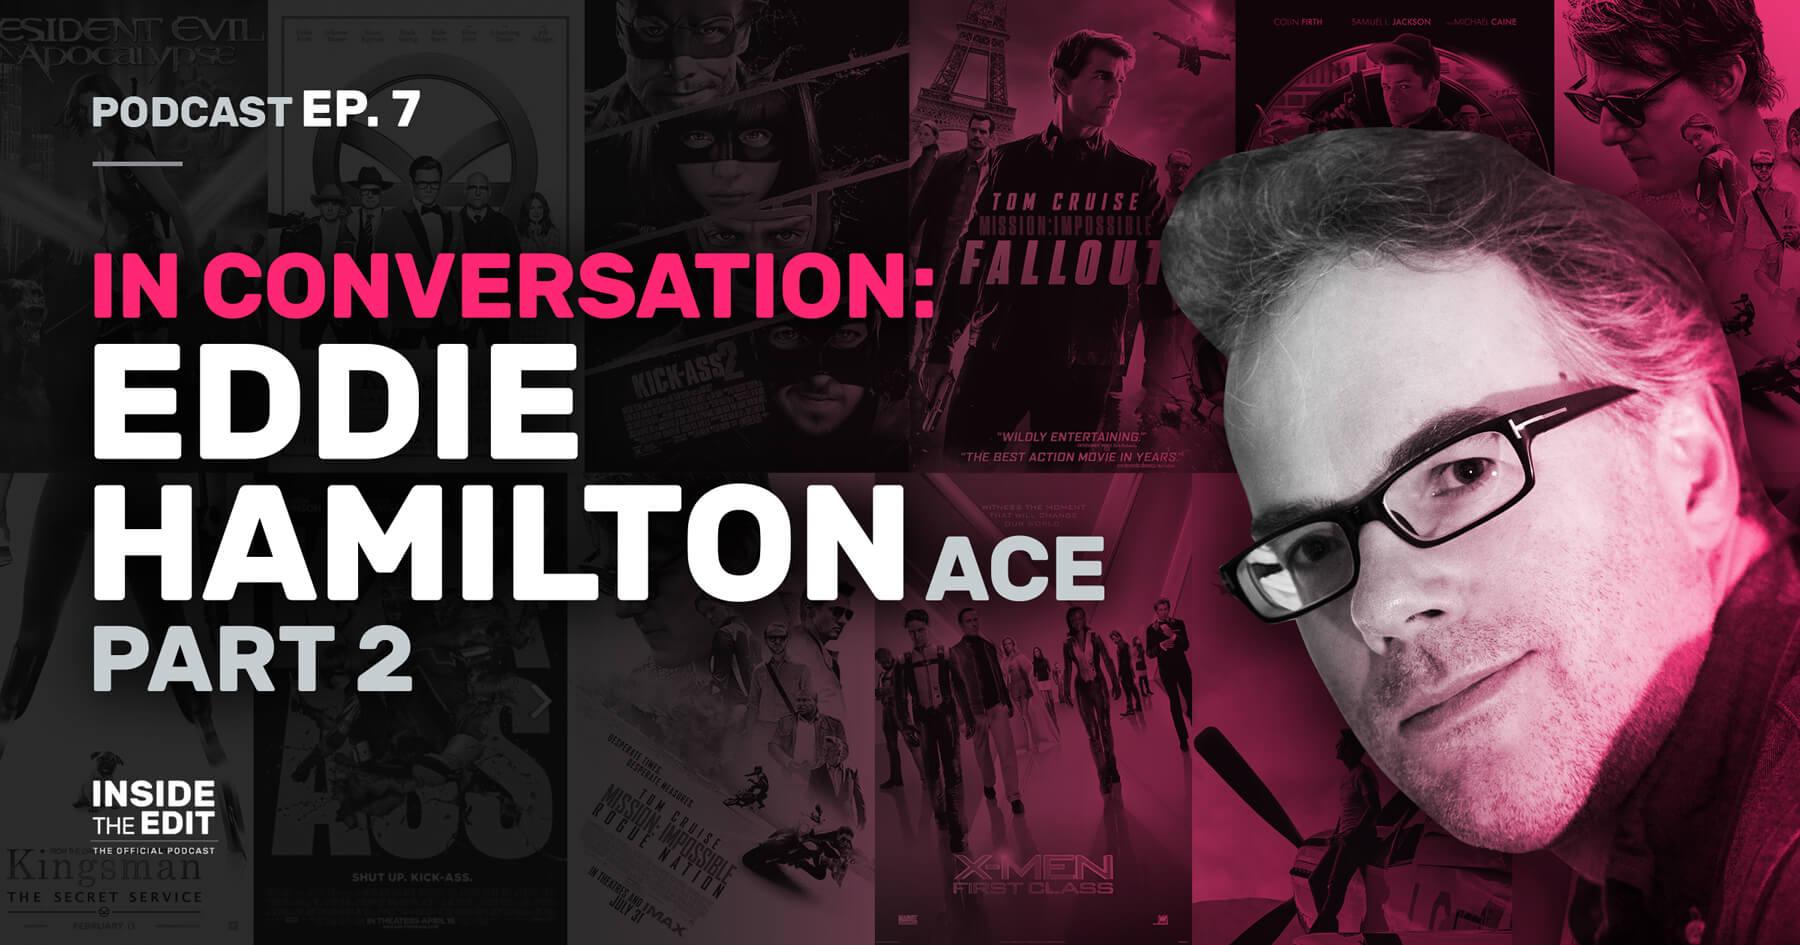 In Conversation: Eddie Hamilton PART 2